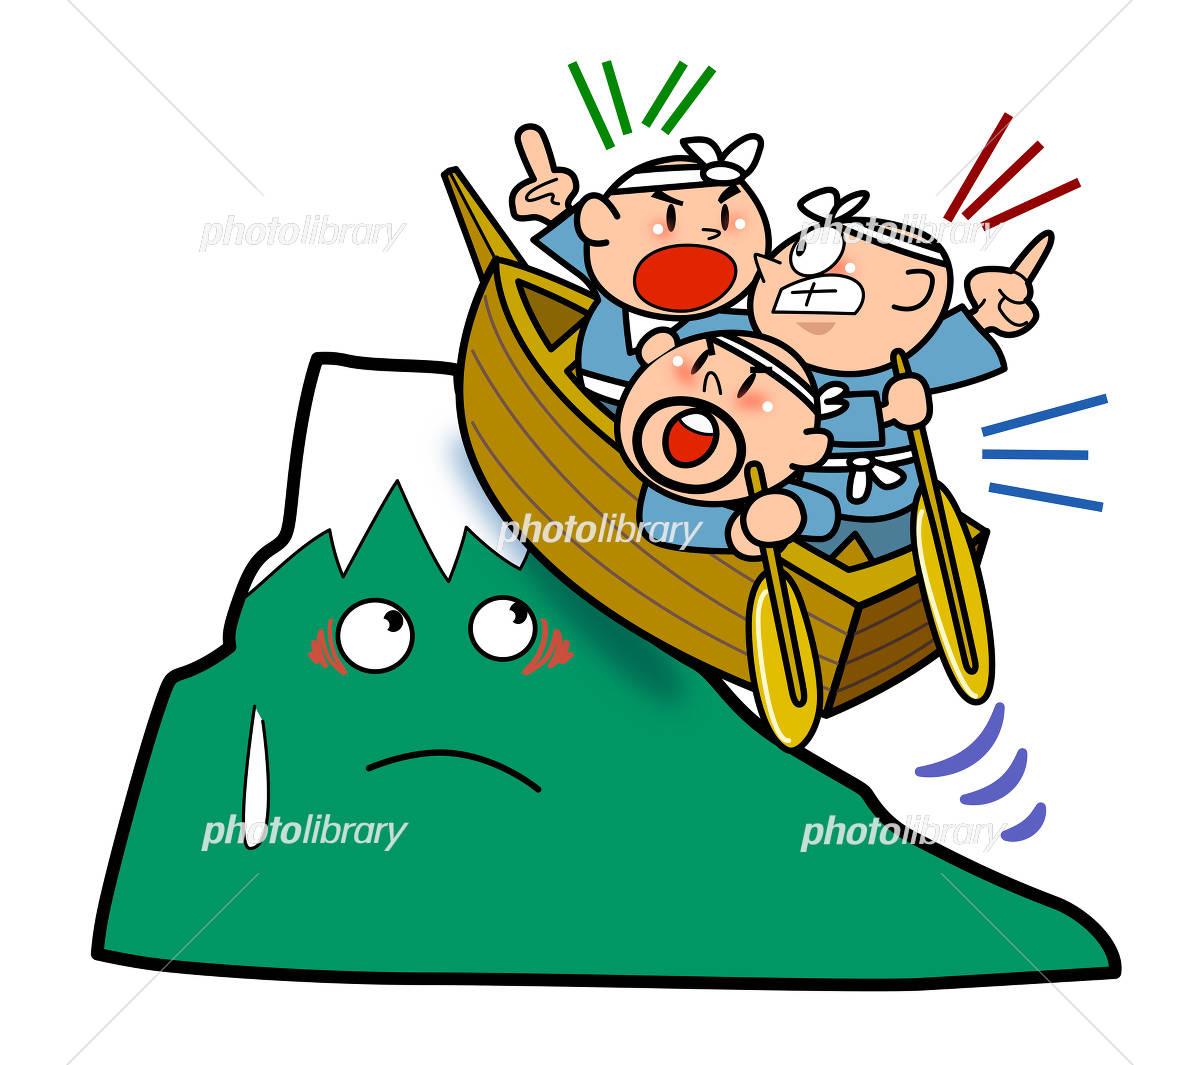 に し 船山 船頭 て 登る 多く